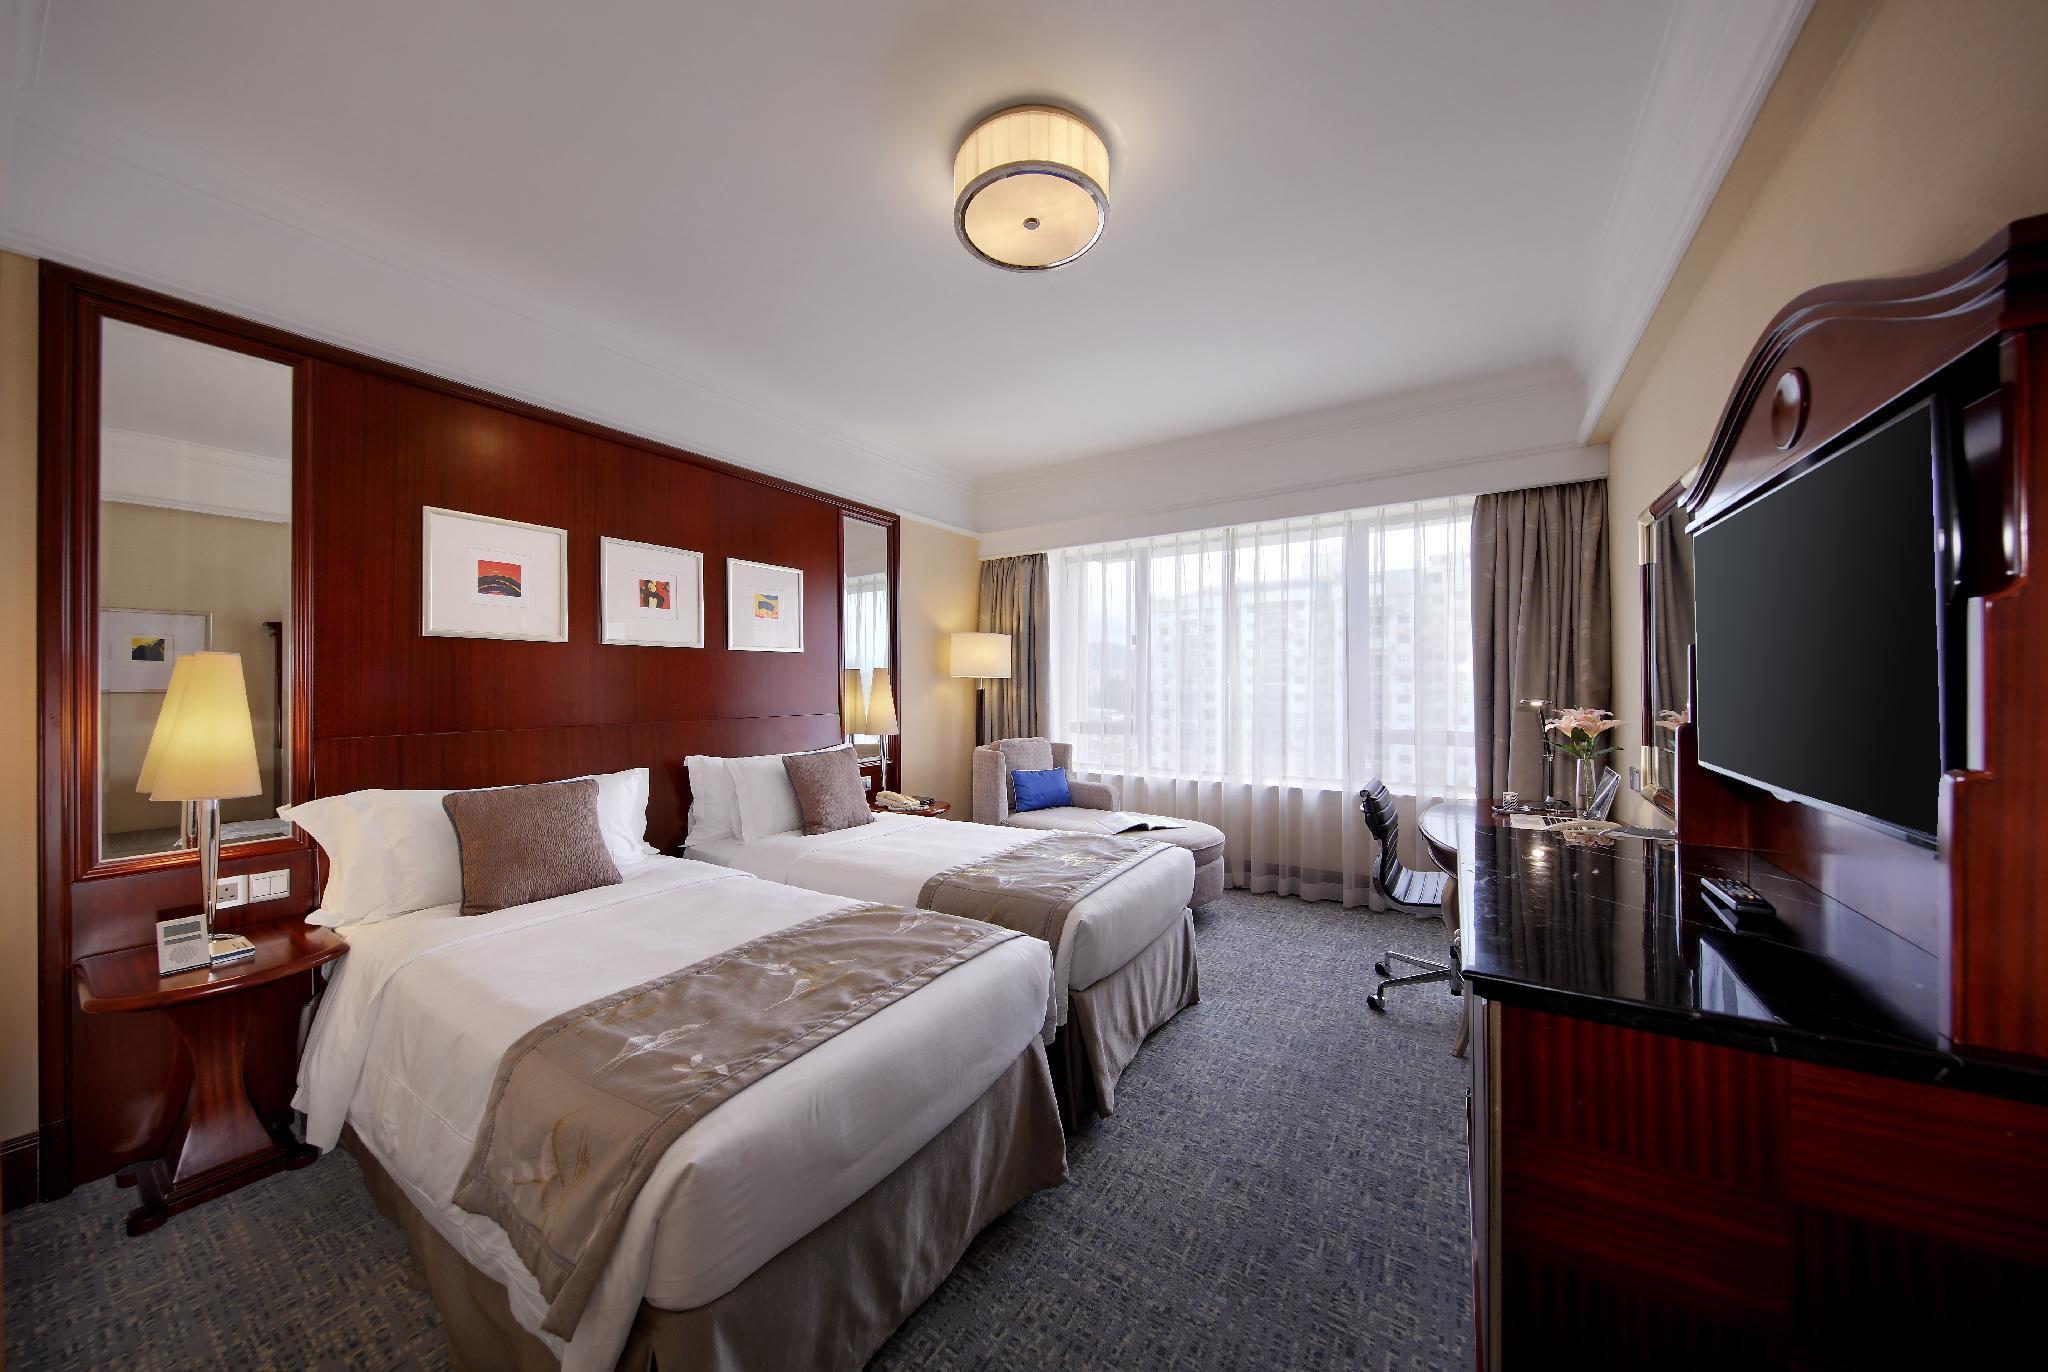 澳门 皇都酒店 (hotel royal macau)_豪华型_预订优惠